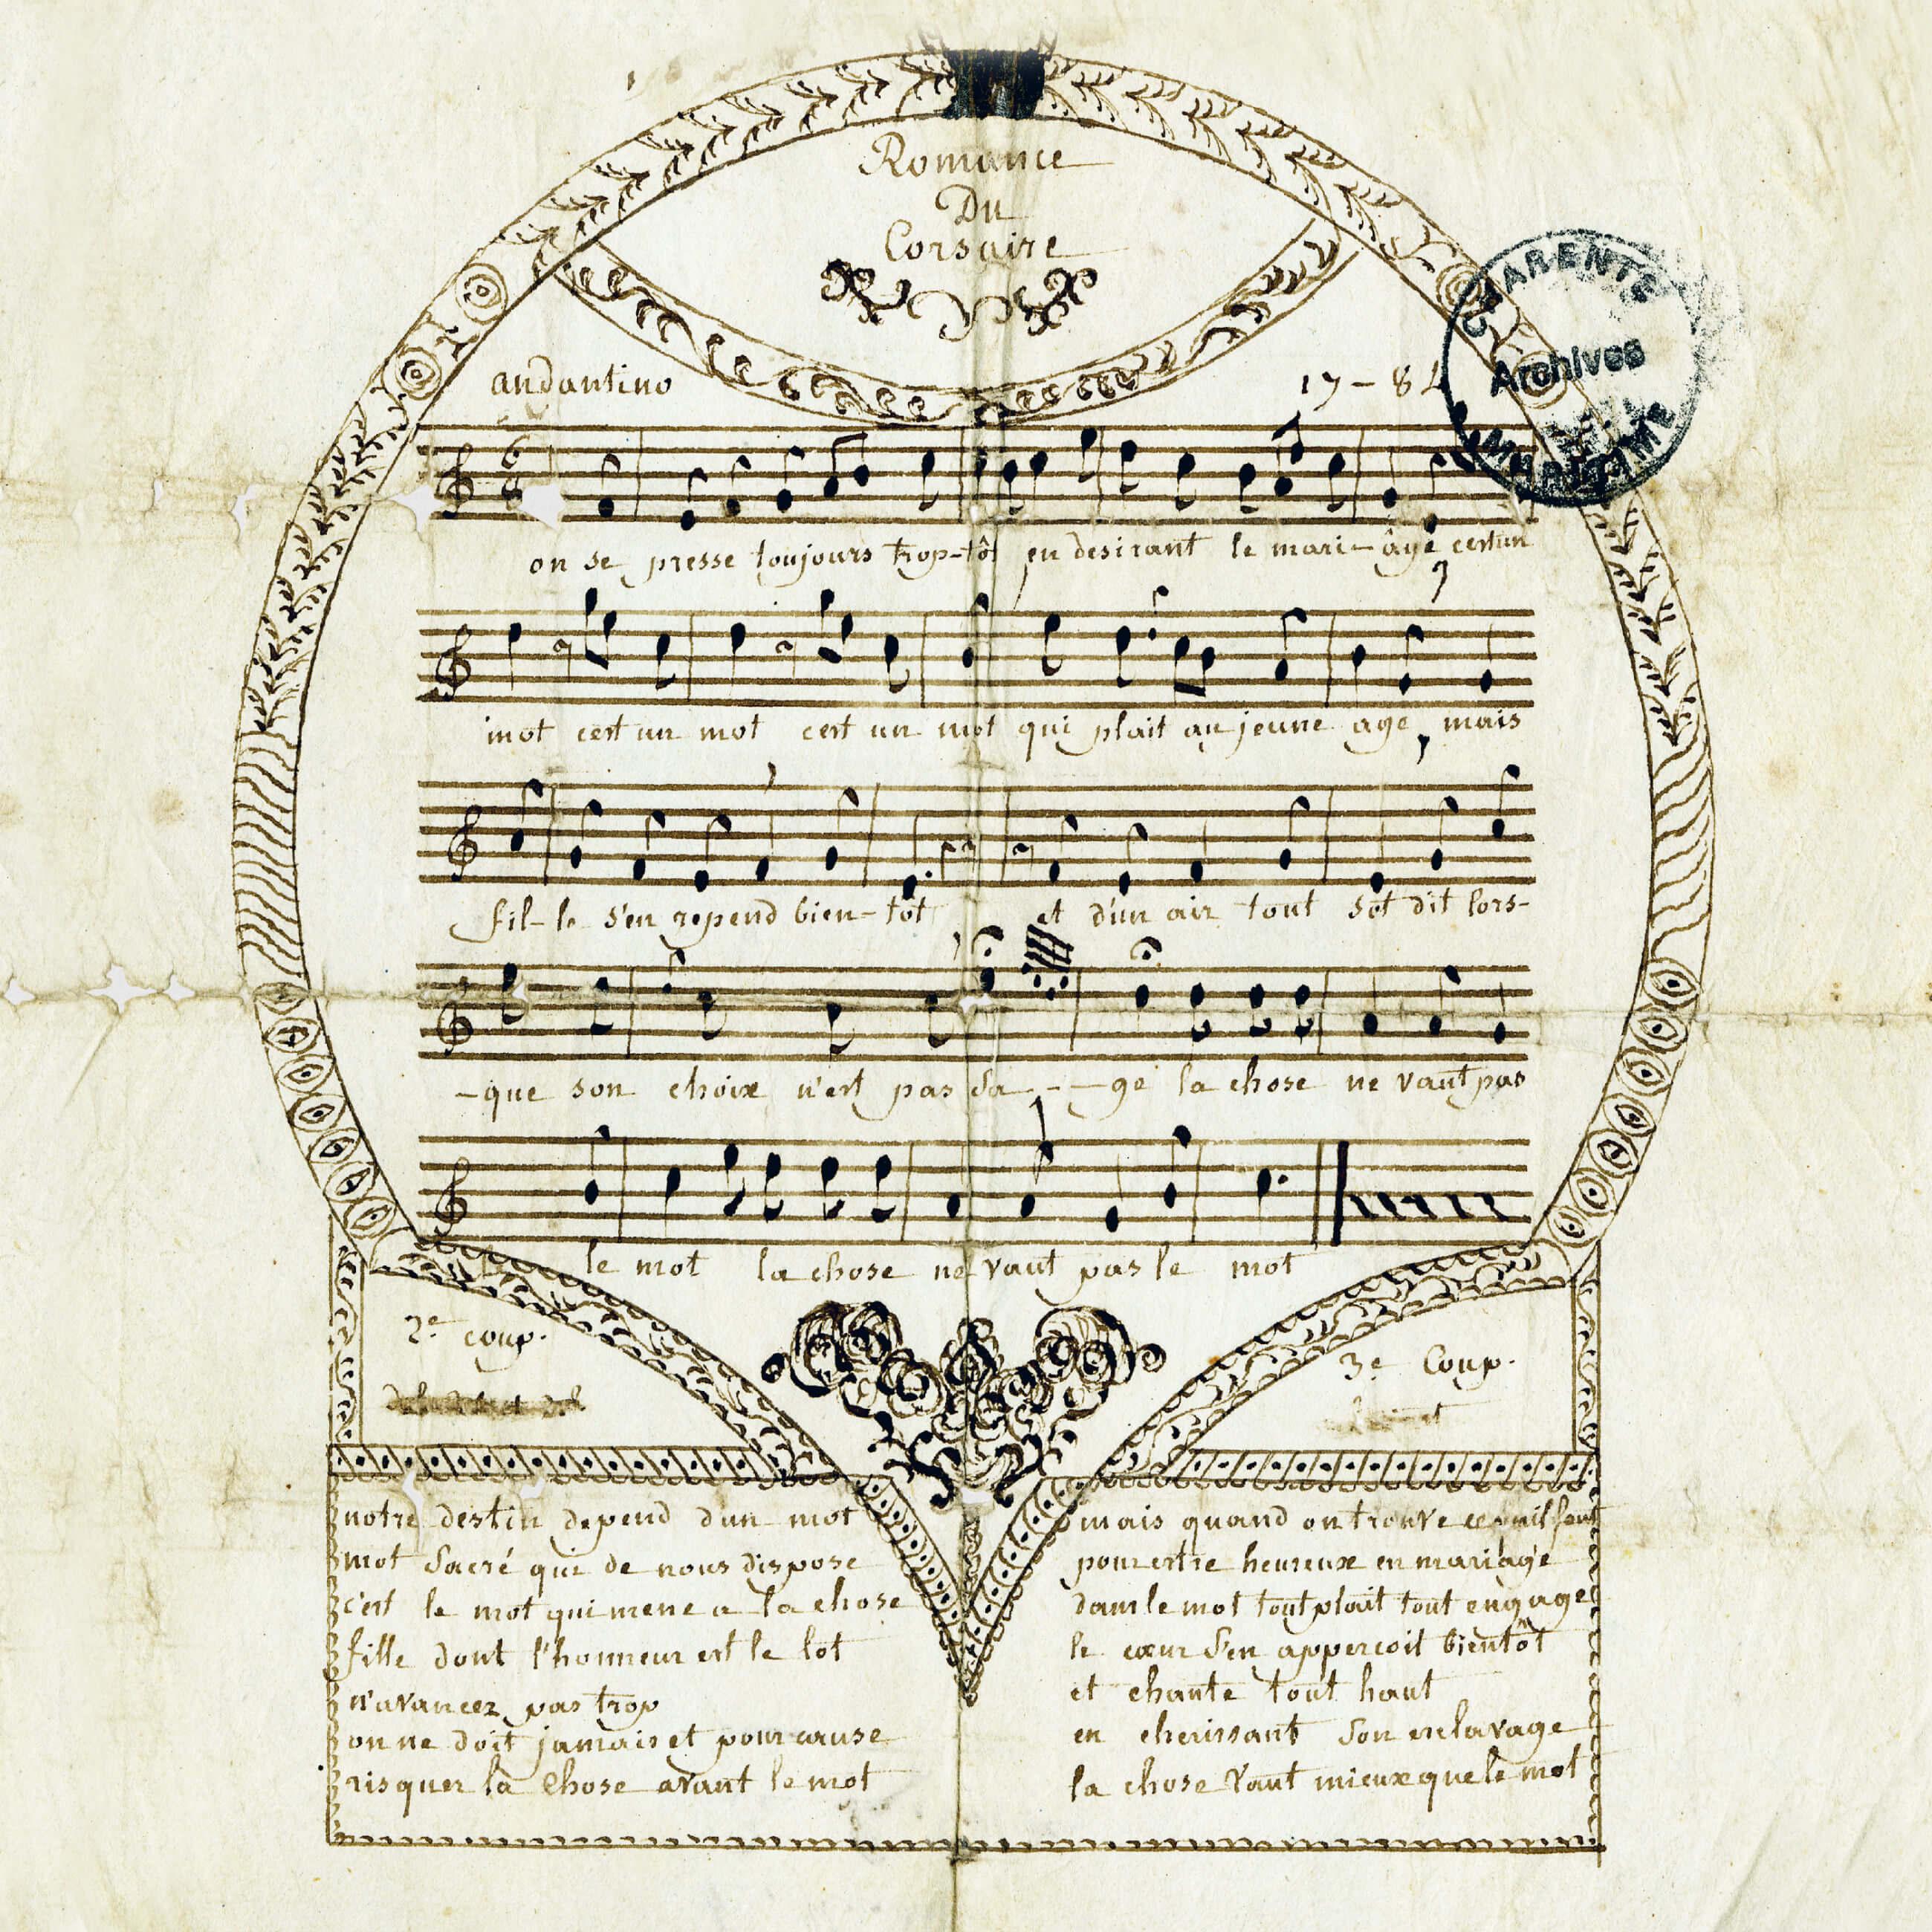 Partition et paroles de la chanson : Romance du corsaire